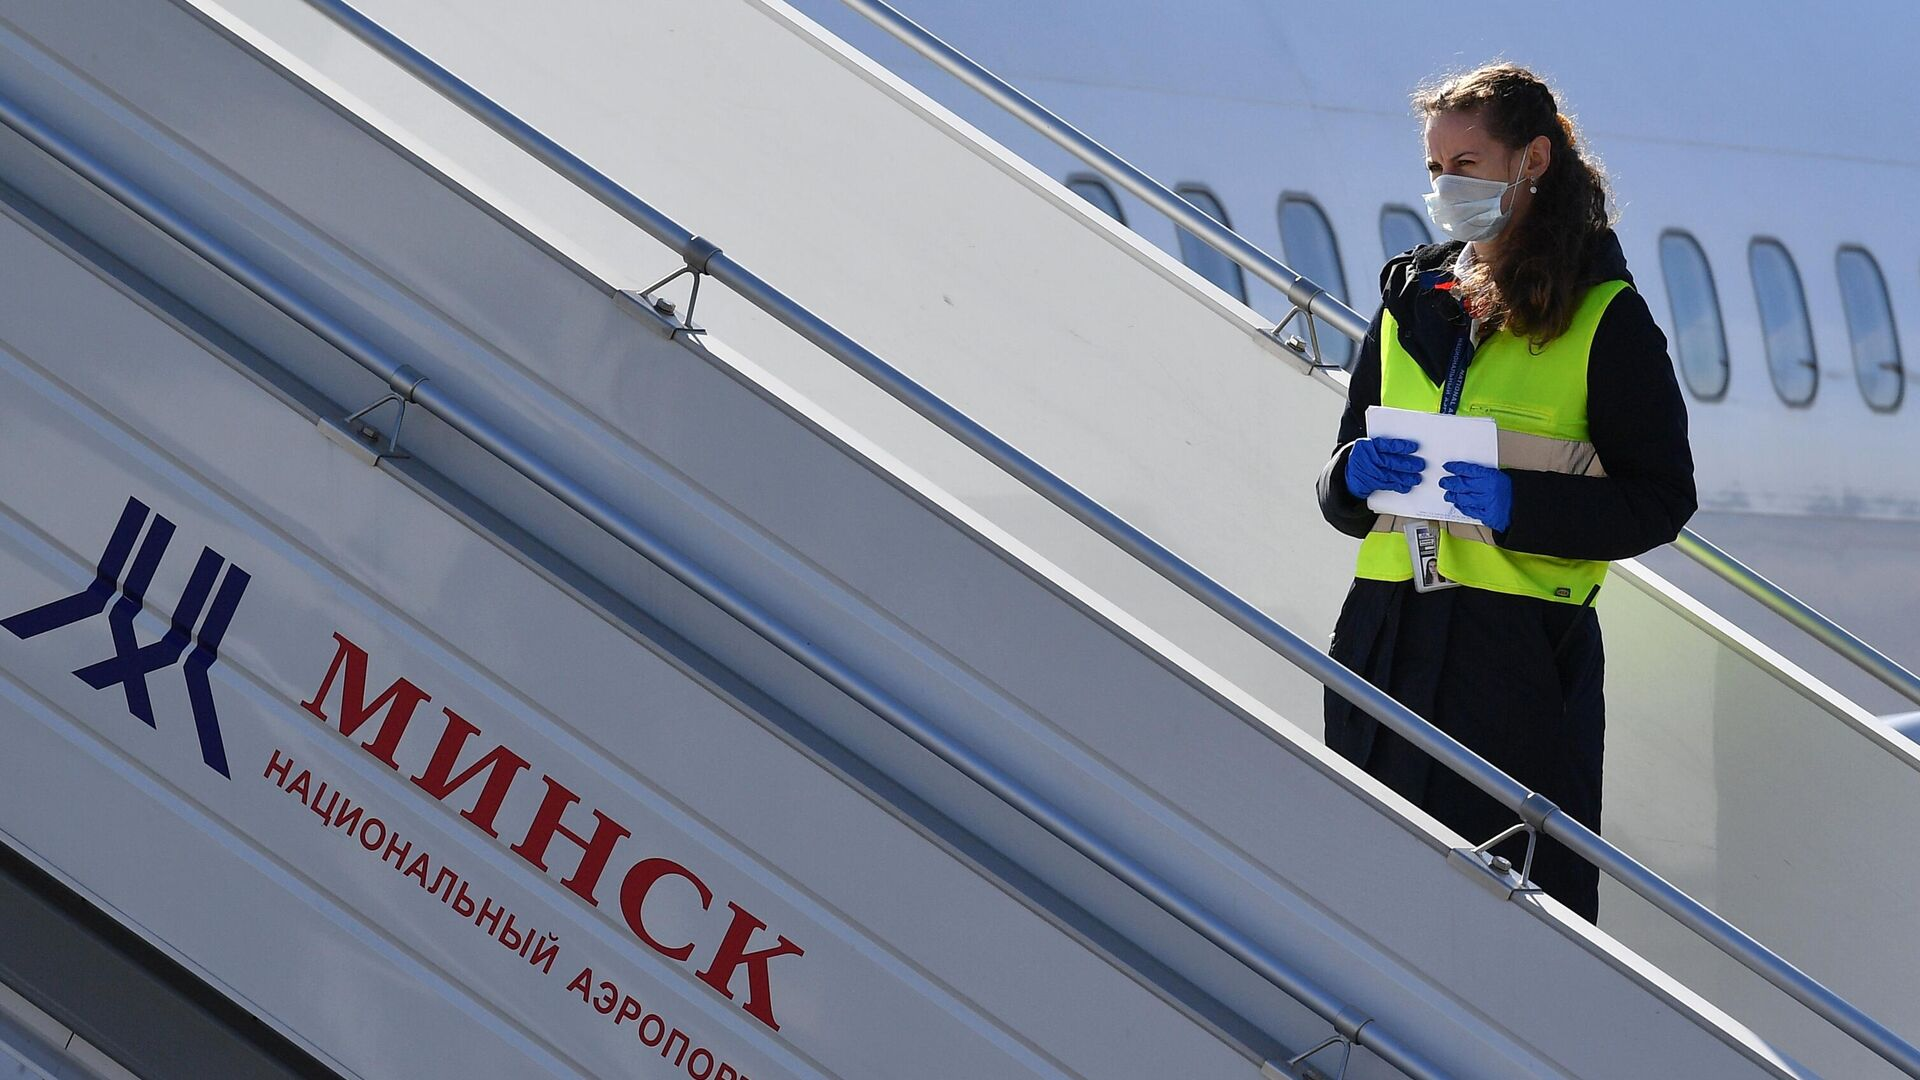 Сотрудник национального аэропорта Минск  - РИА Новости, 1920, 15.09.2021